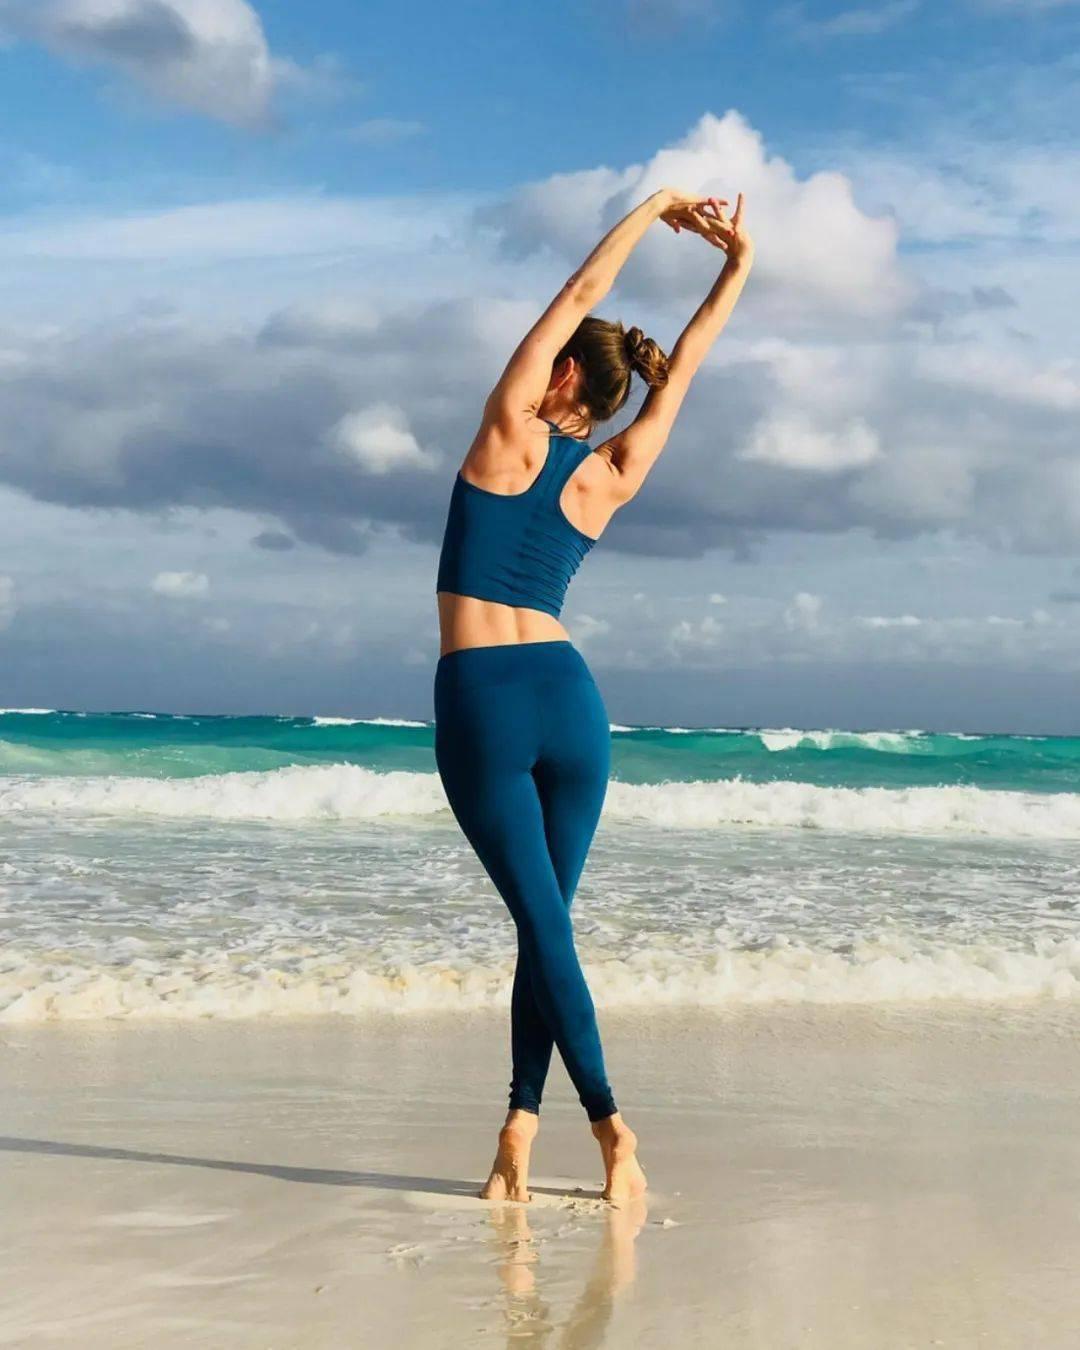 缓解腰背疼痛,初学者先做这10个简单的瑜伽动作就够了!_手臂 高级健身 第2张